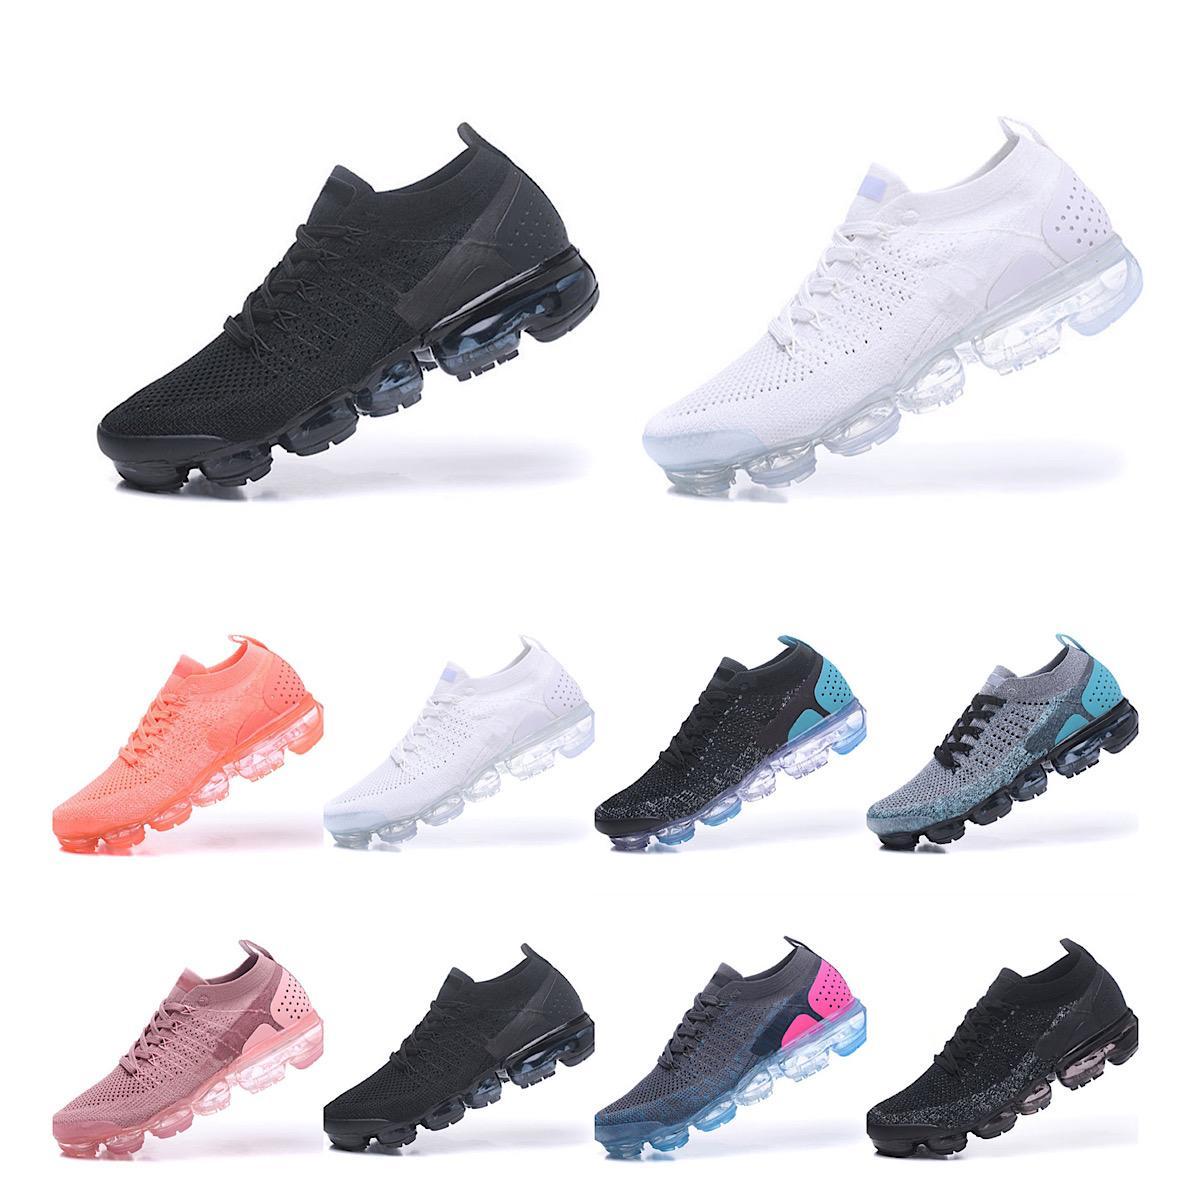 남성 여성 체육관 신발 TN 진공 킹 3.0 판매 진짜 충격 패션 캐주얼 크기 36-45